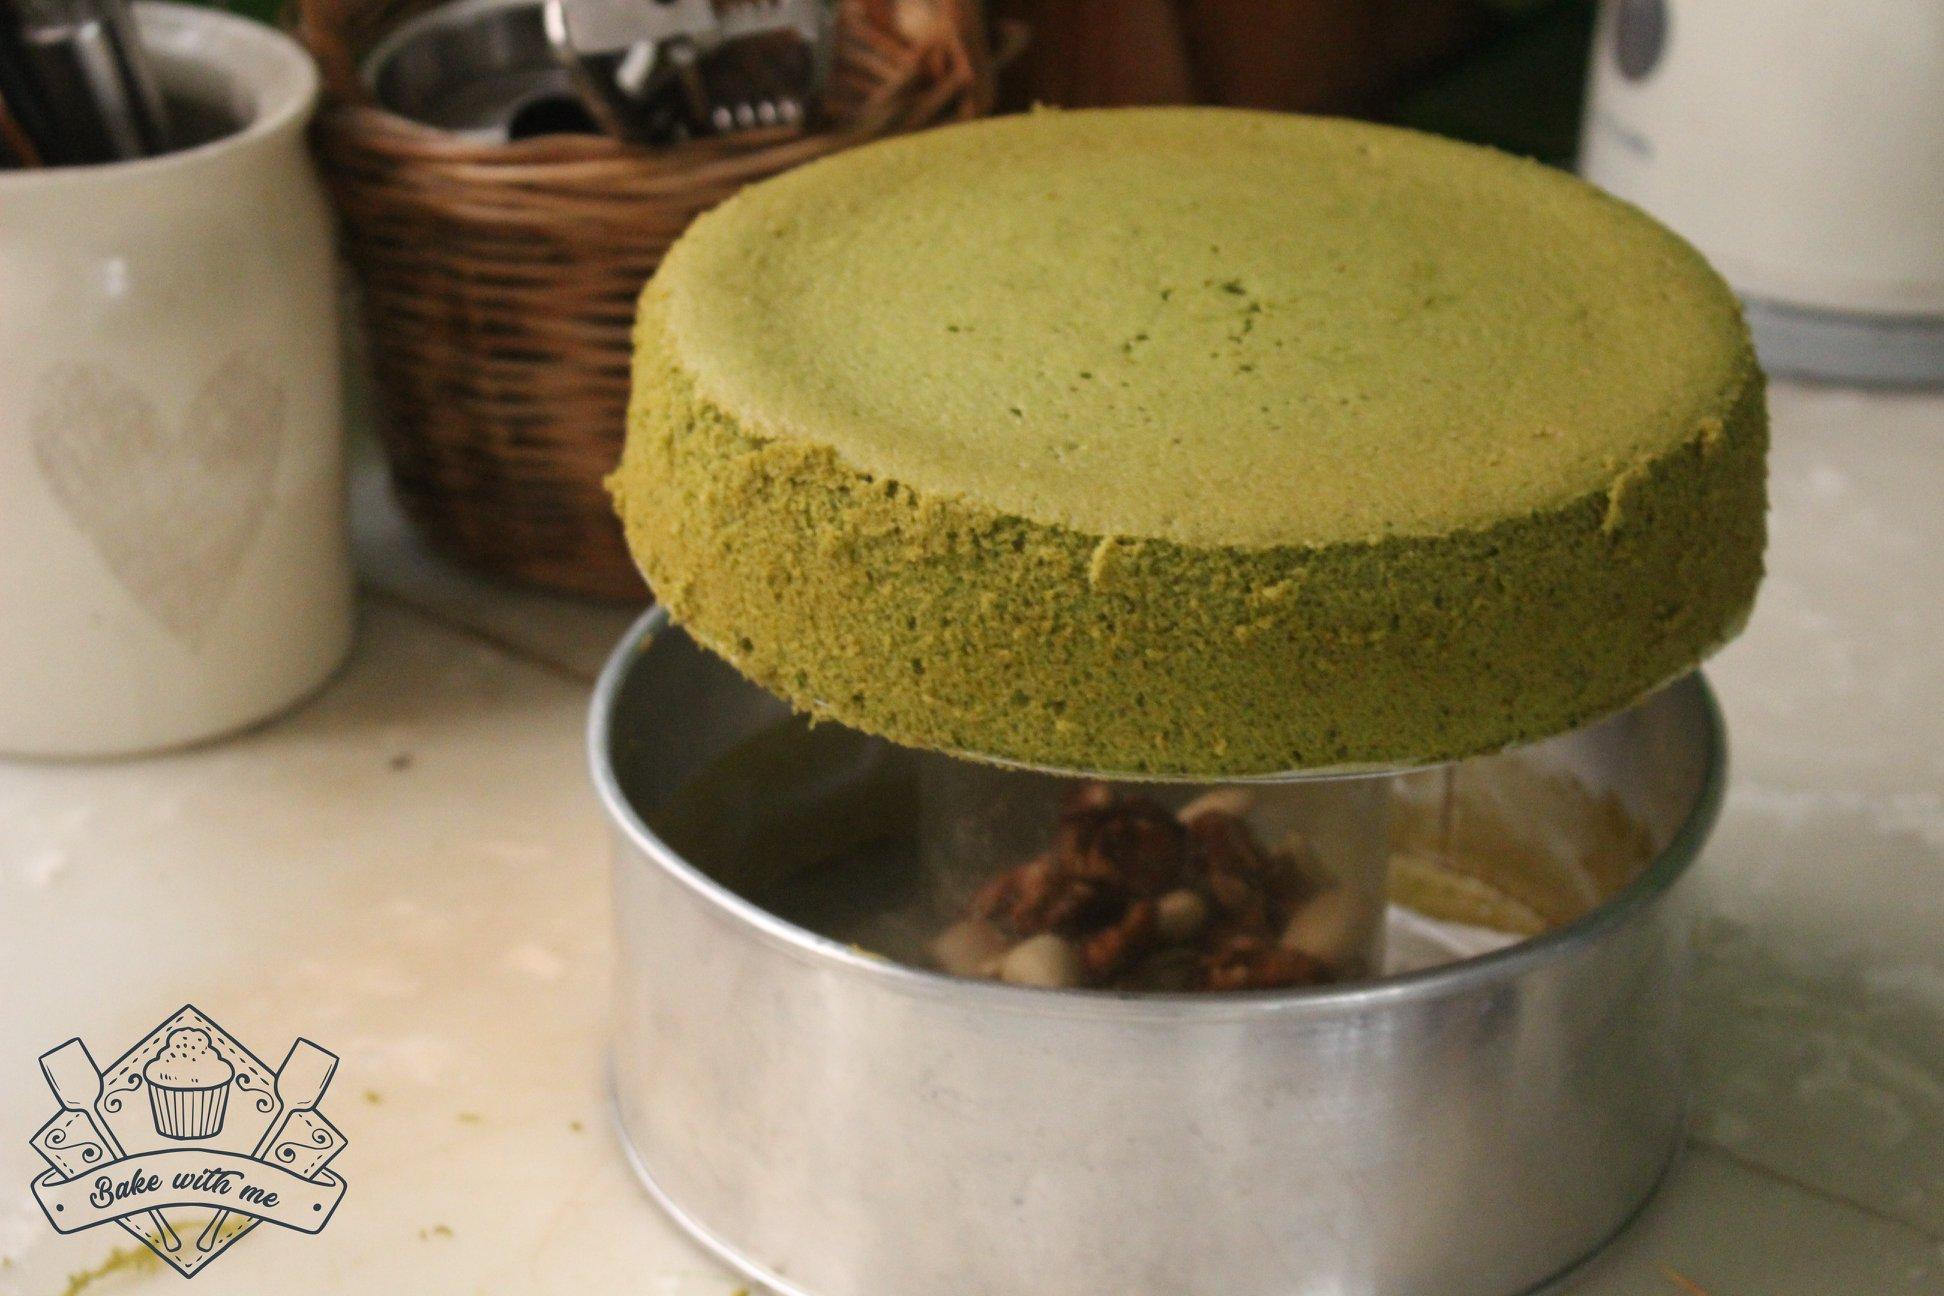 cách làm cheesecake matcha 4 cách làm cheesecake matcha Cách làm Cheesecake Matcha đơn giản mà đẹp không ngờ cach lam cheesecake matcha 4